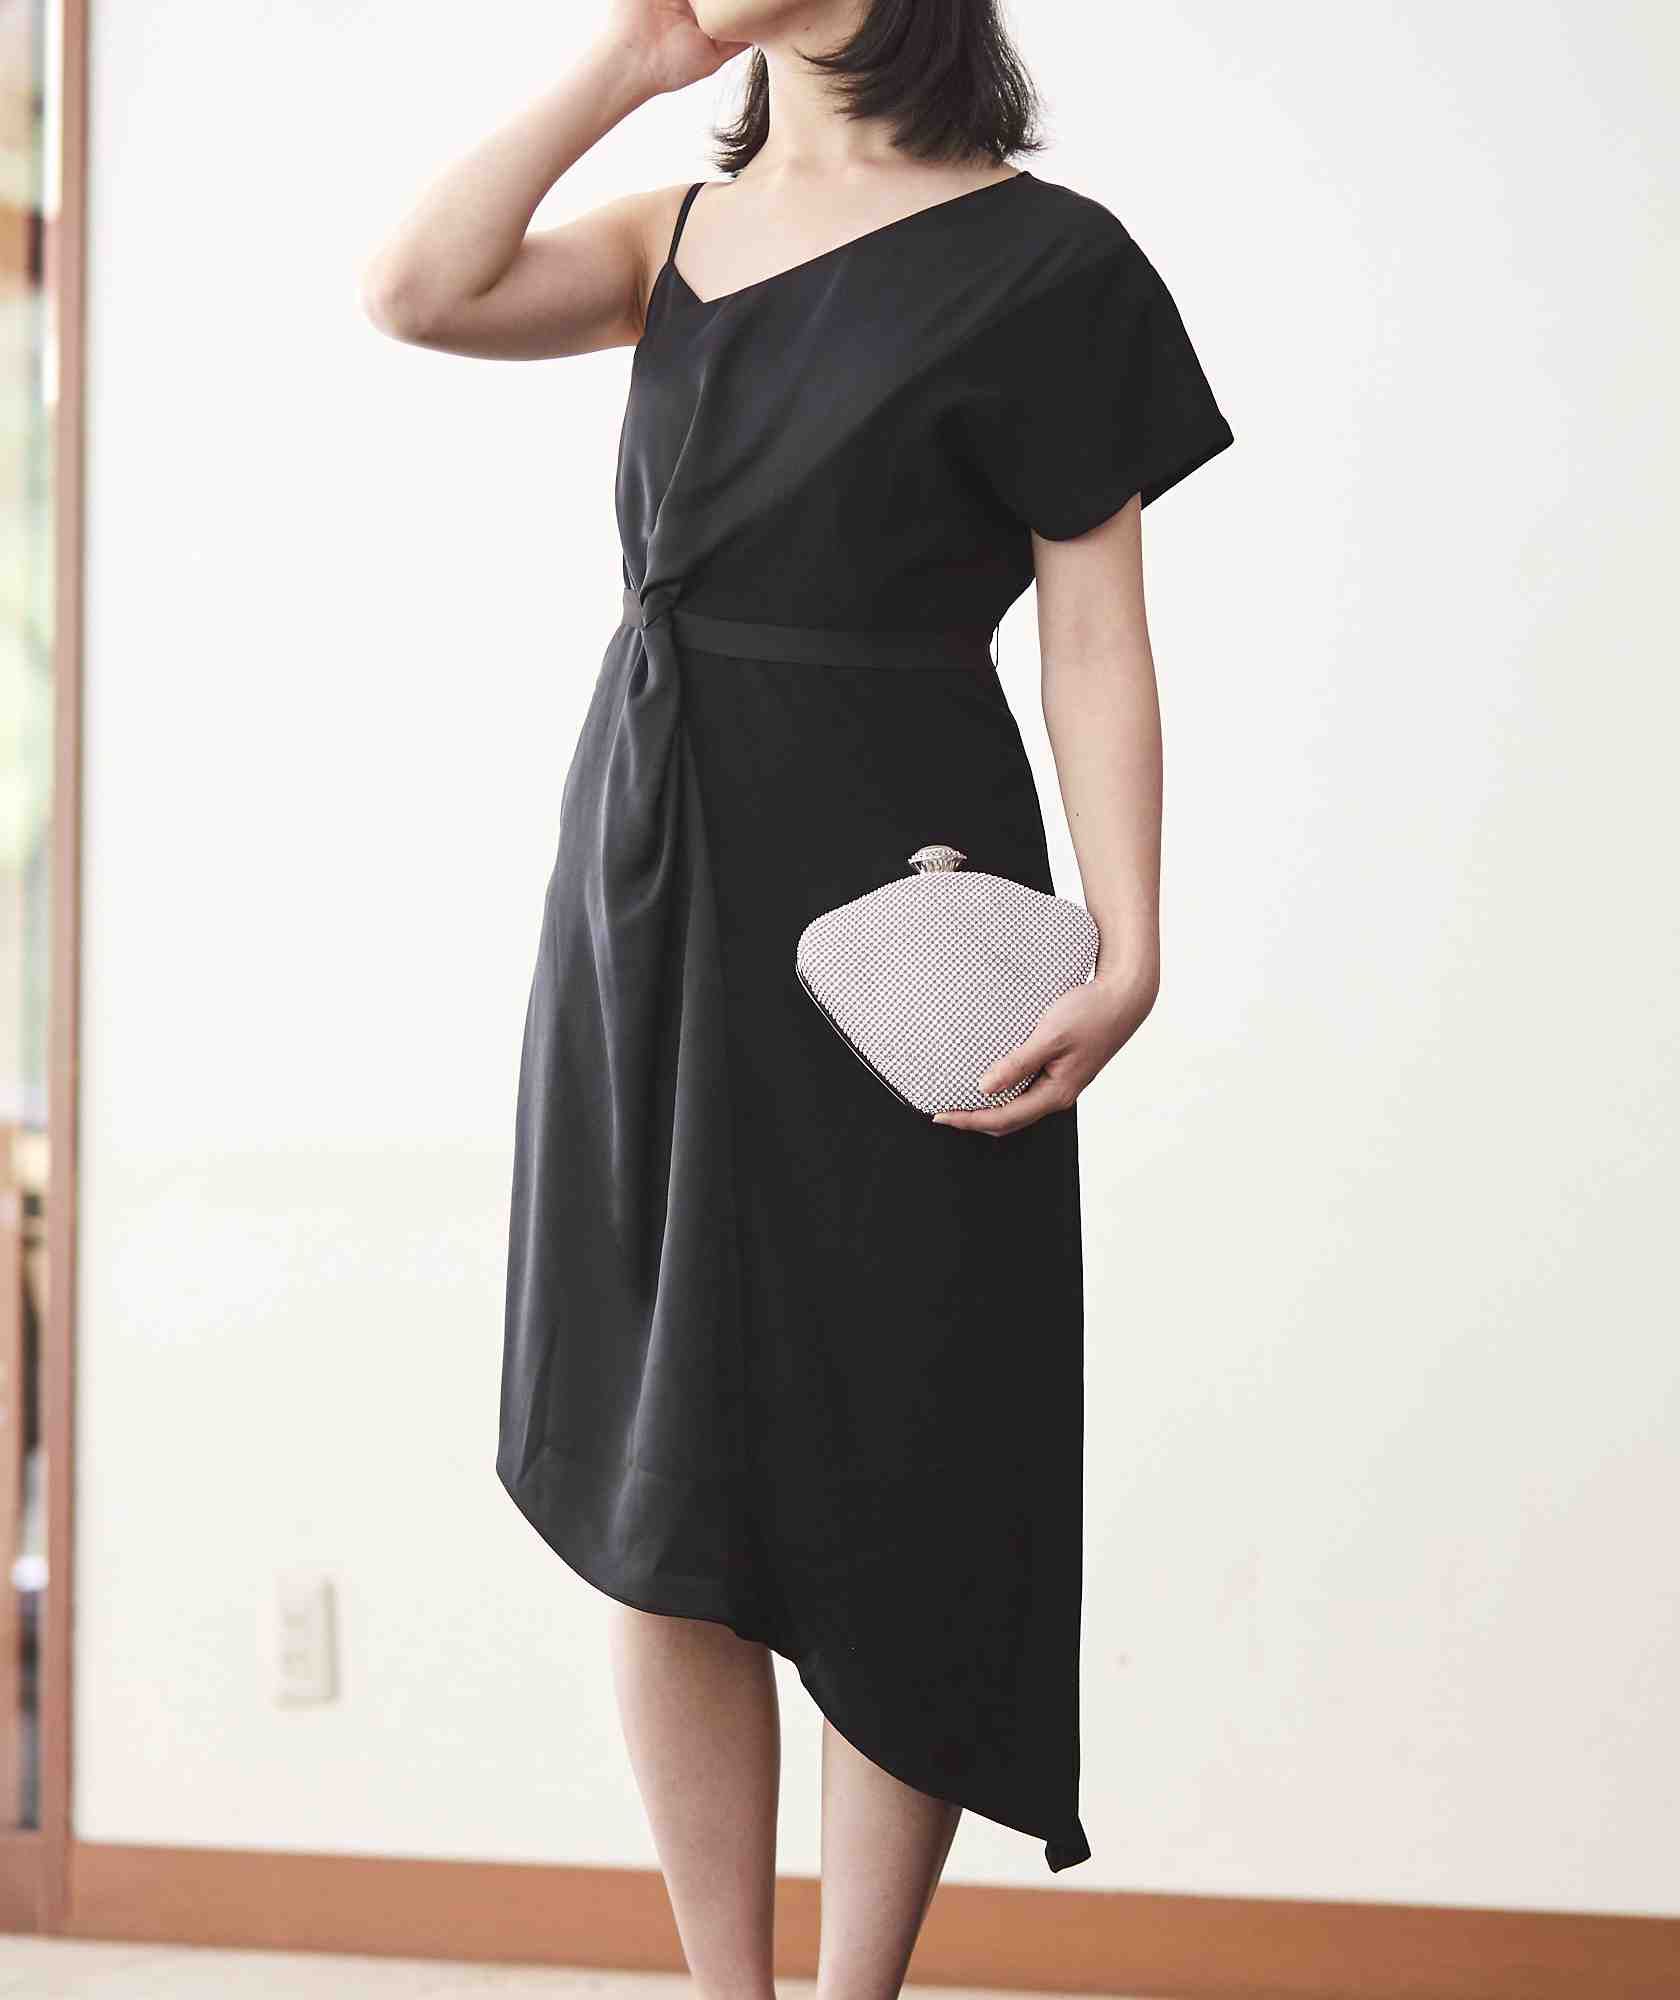 ブラックリストアシンメトリーミディアムドレス-ブラック-XS